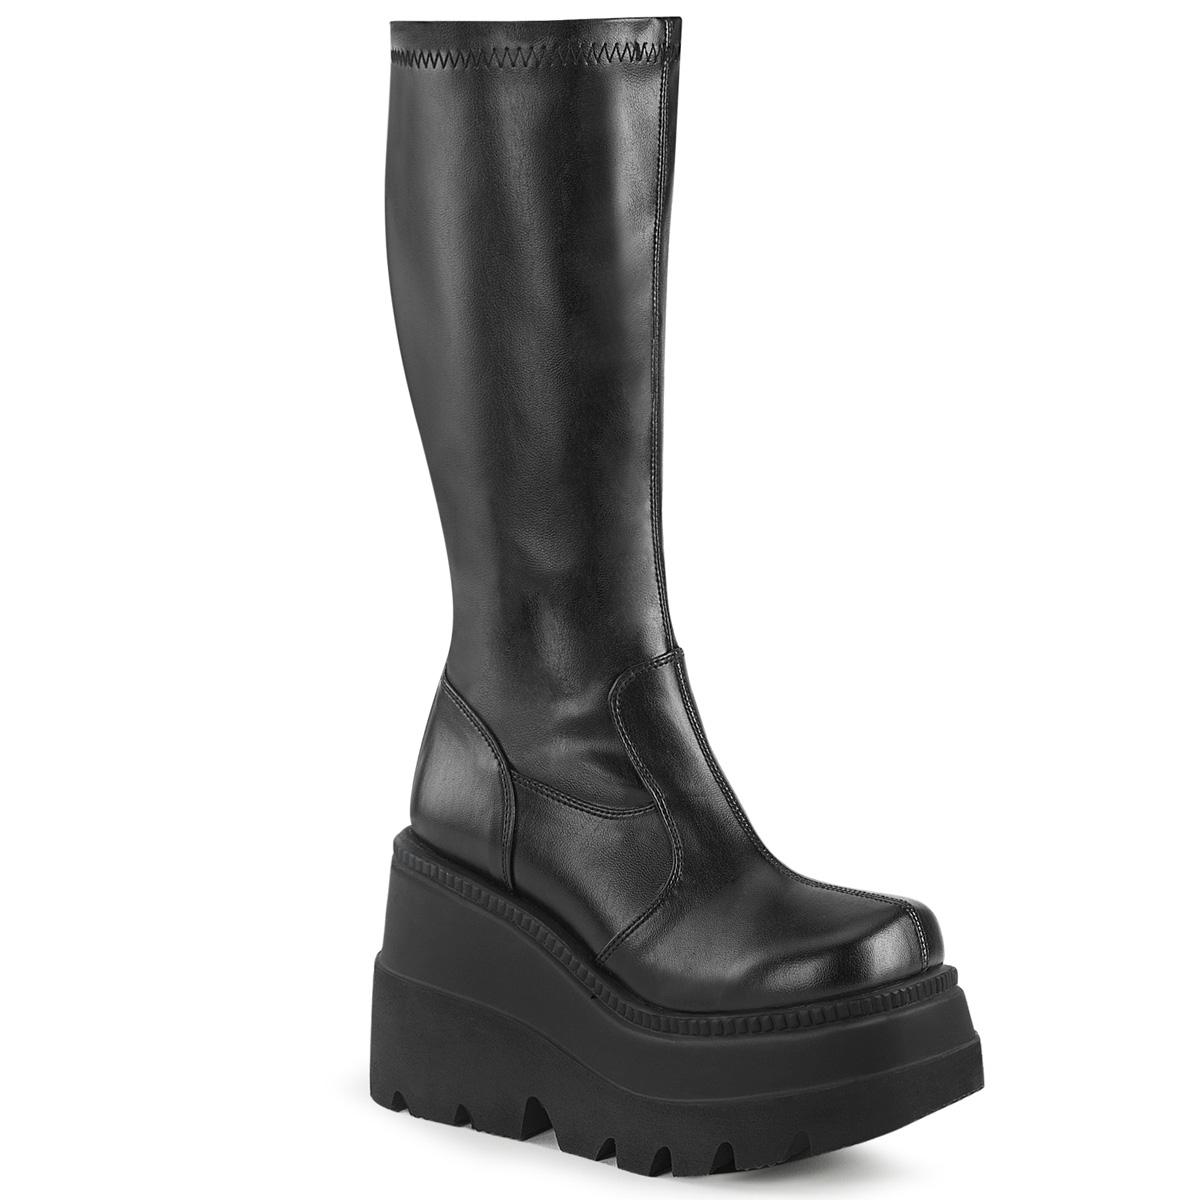 Demonia(デモニア) SHAKER-65 ウェッジソールニーハイブーツ 厚底ブーツ バックジップ つや消し黒◆取り寄せ